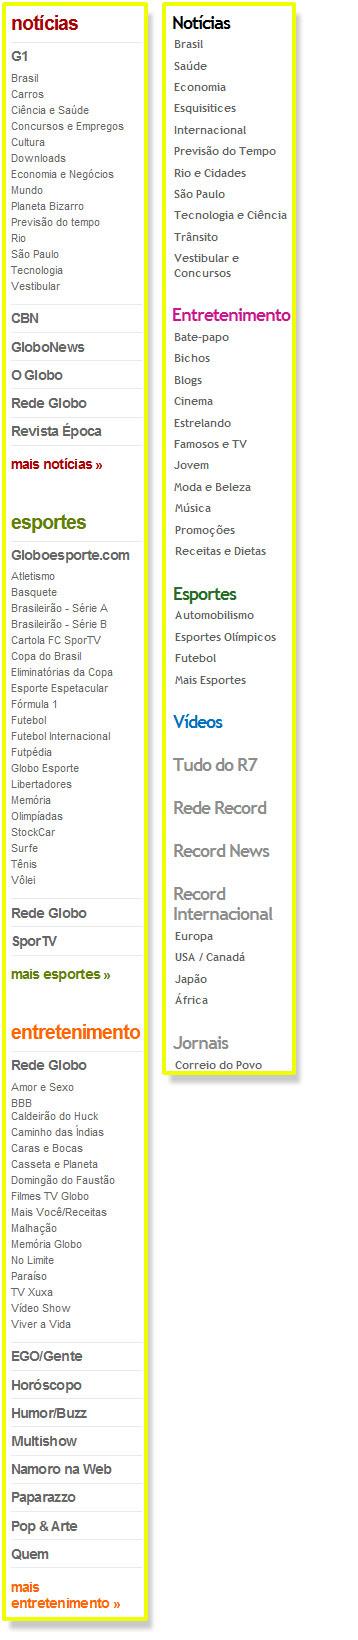 Portal R7 da Record Copia Layout da Globo</ins>